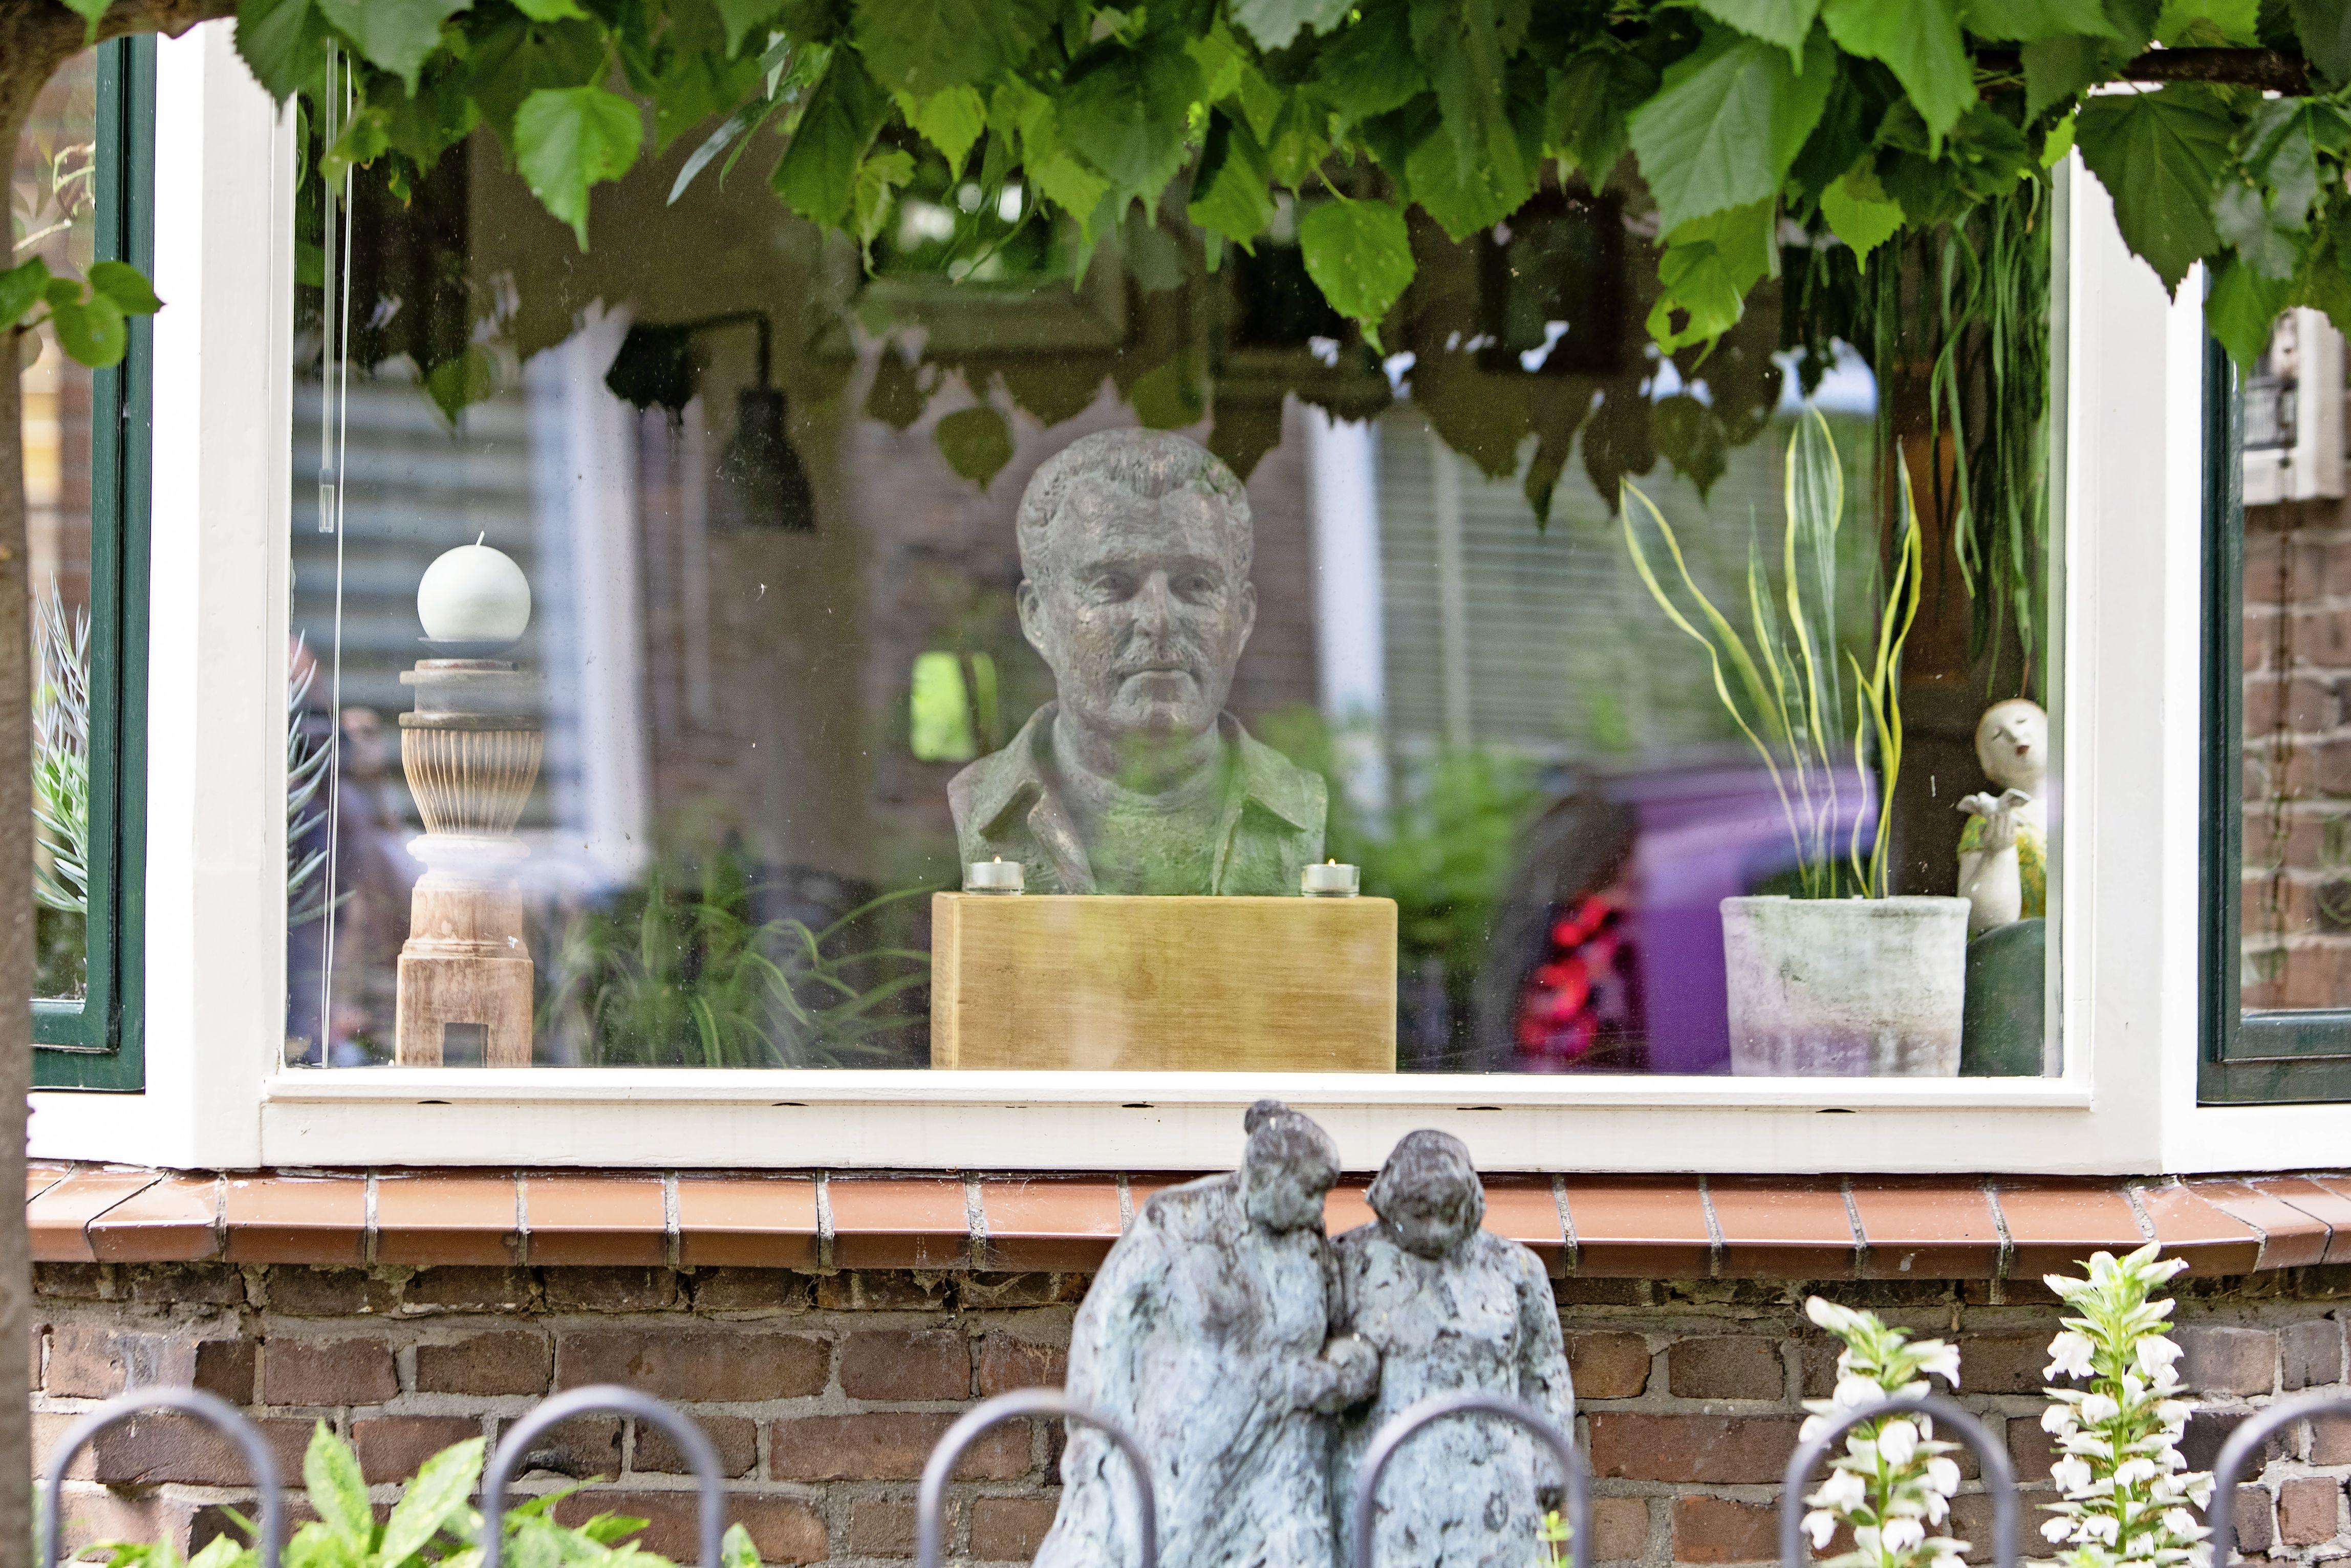 Peter R. de Vries kijkt uit over de Baarnse Mauvestraat, met een kaarsje links en een kaarsje rechts; Klein eerbetoon van beeldhouwster Nieneke Lamme, die de misdaadbestrijder in brons vereeuwigde